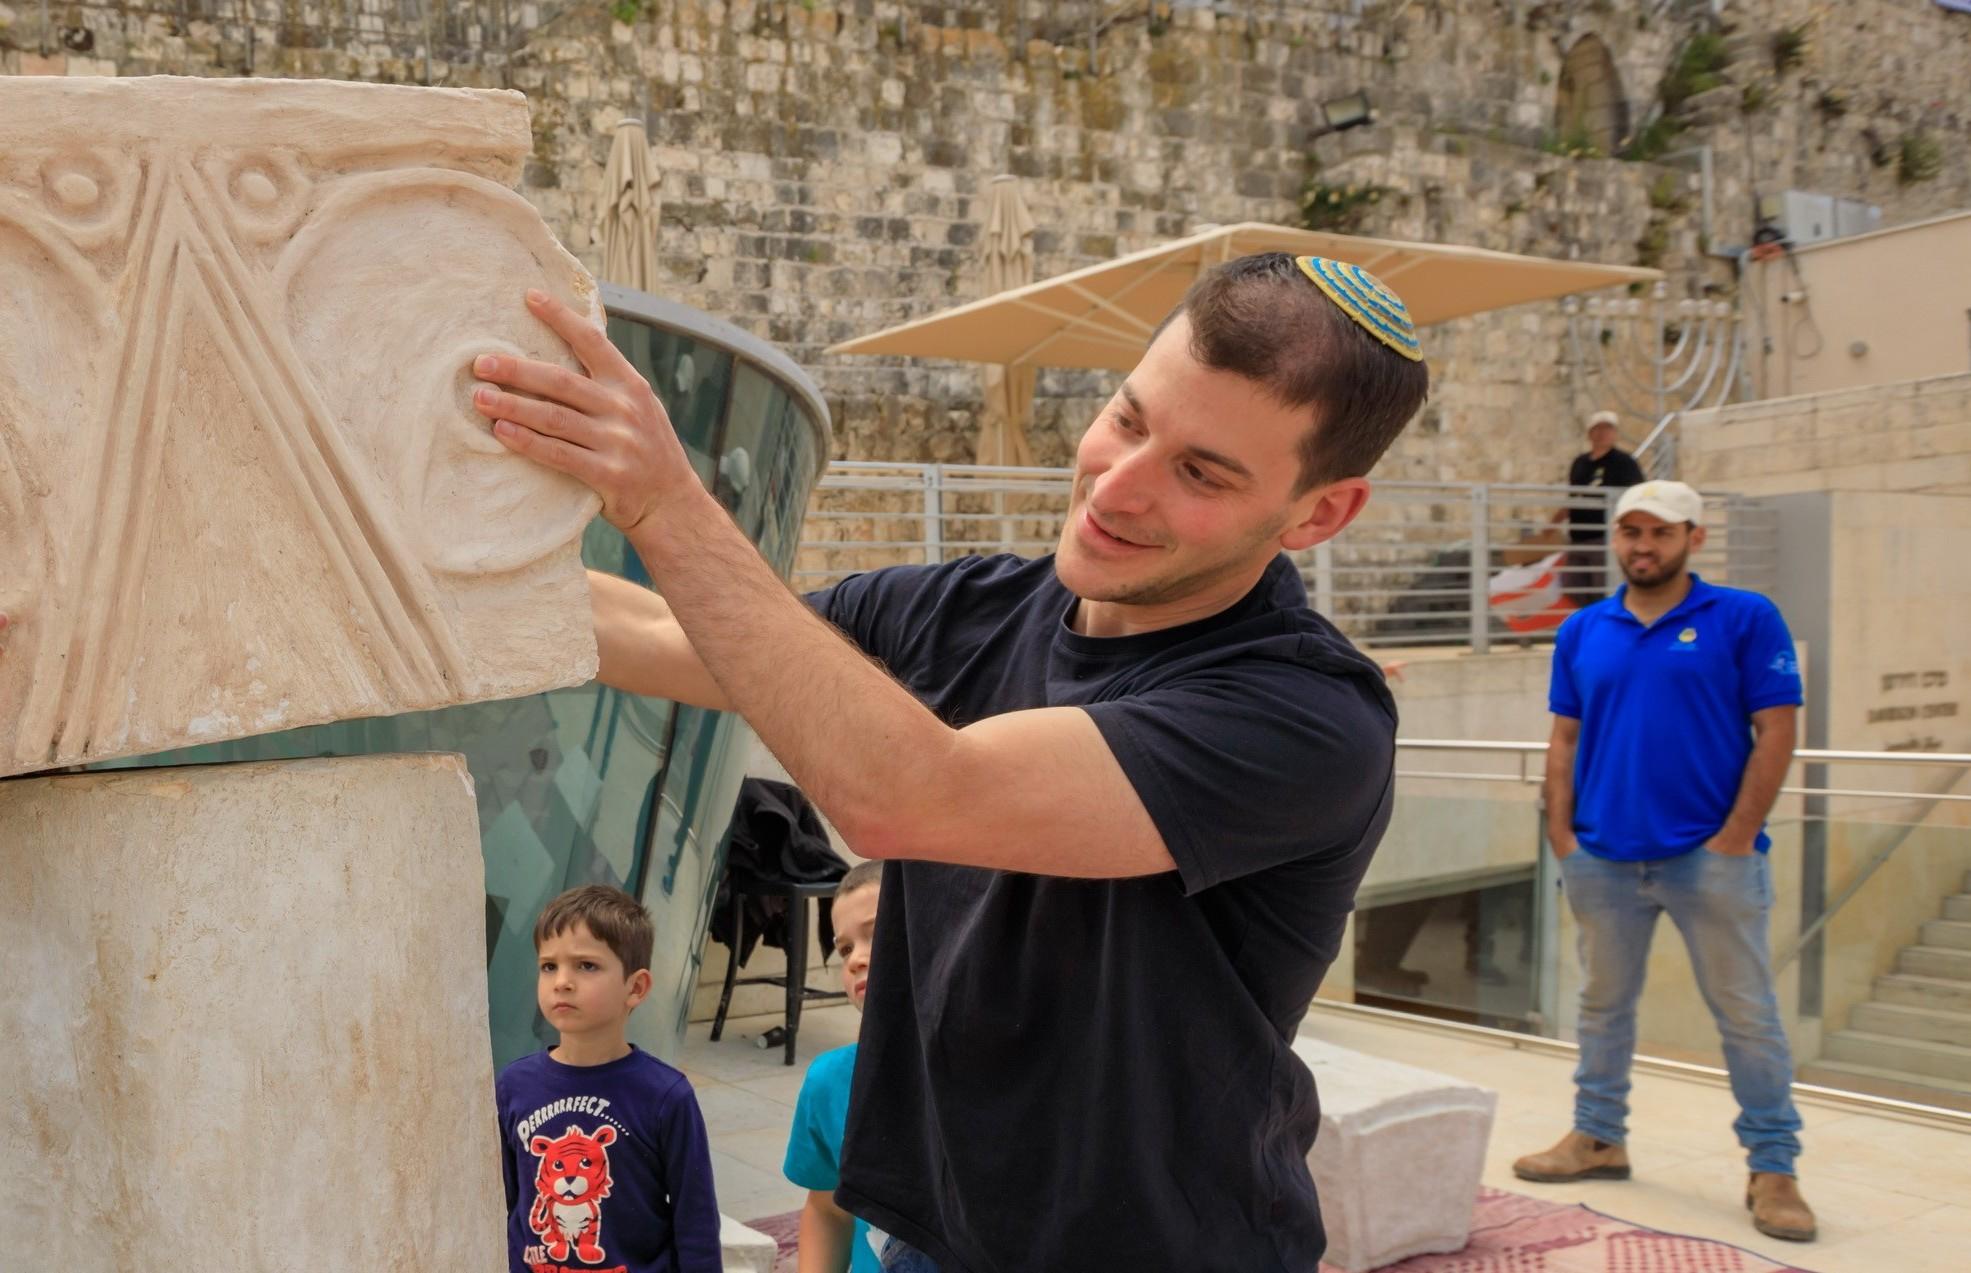 עיר דוד - תמונה 1 - (צילום אליהו יניא)